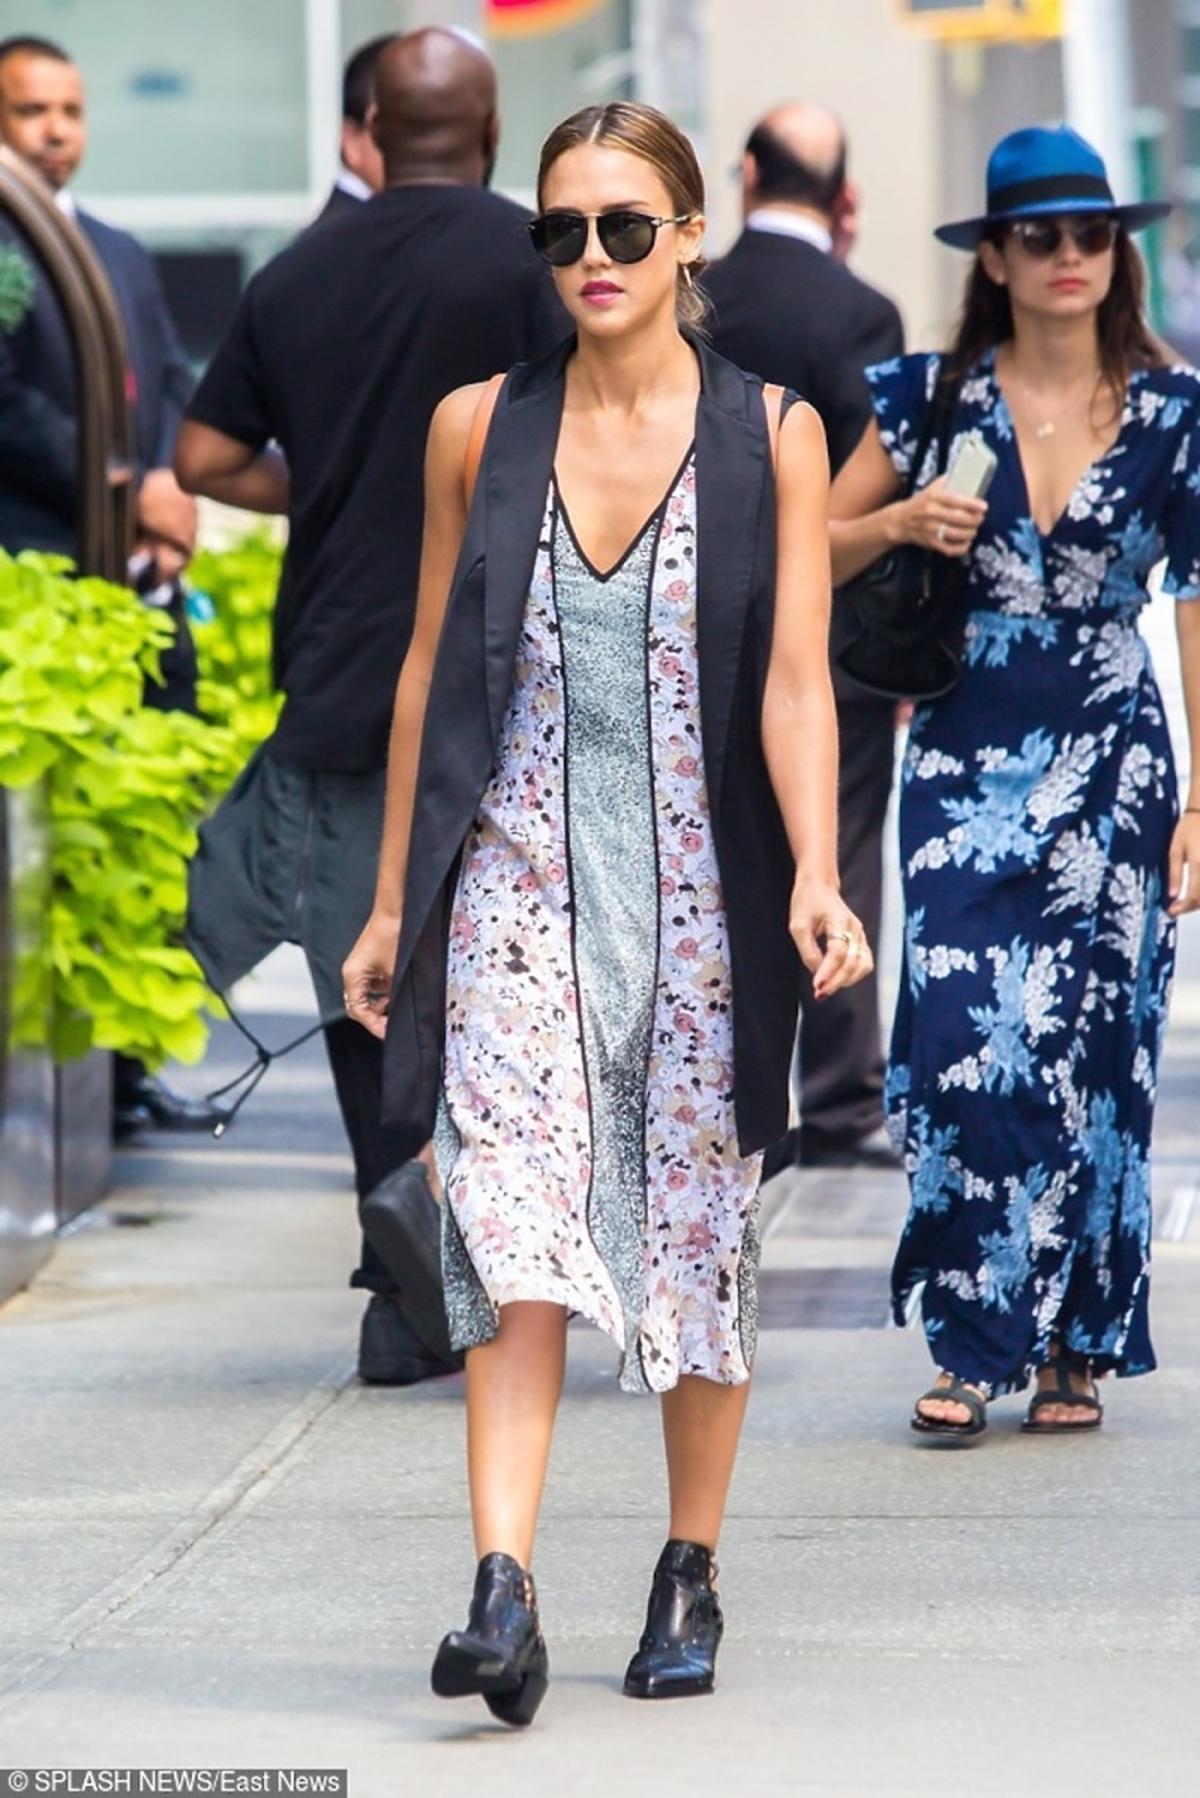 Jessica Alba w czarnej długiej kamiezelce, sukience w kwiaty, czarnych okularach, czarnych botkach na ulicy